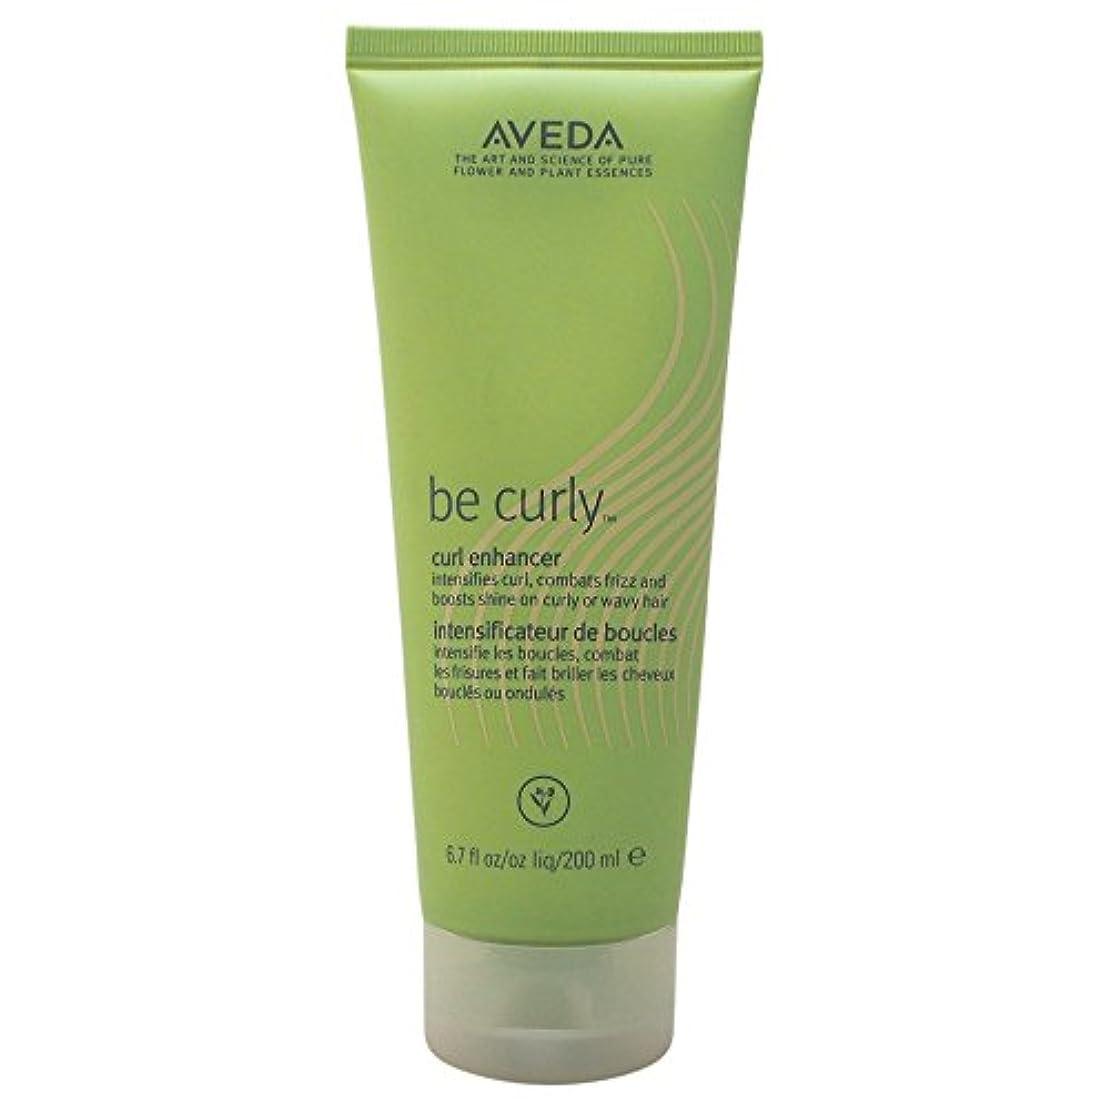 有益地雷原みなすAveda Be Curly Curl Enhancing Lotion 200ml [並行輸入品]